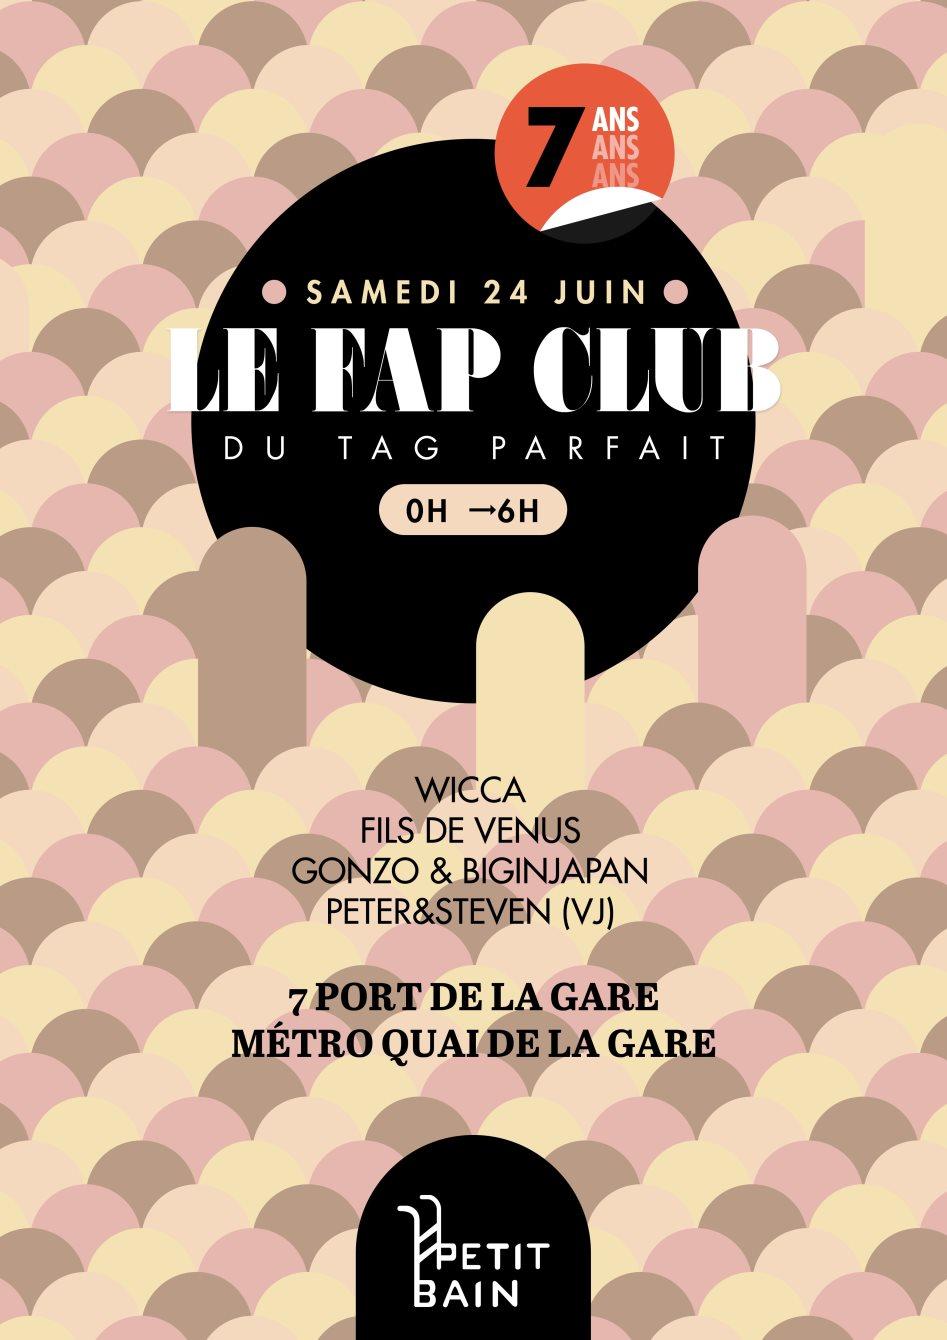 Le Fap Club des 7 ans du Tag Parfait - Flyer front